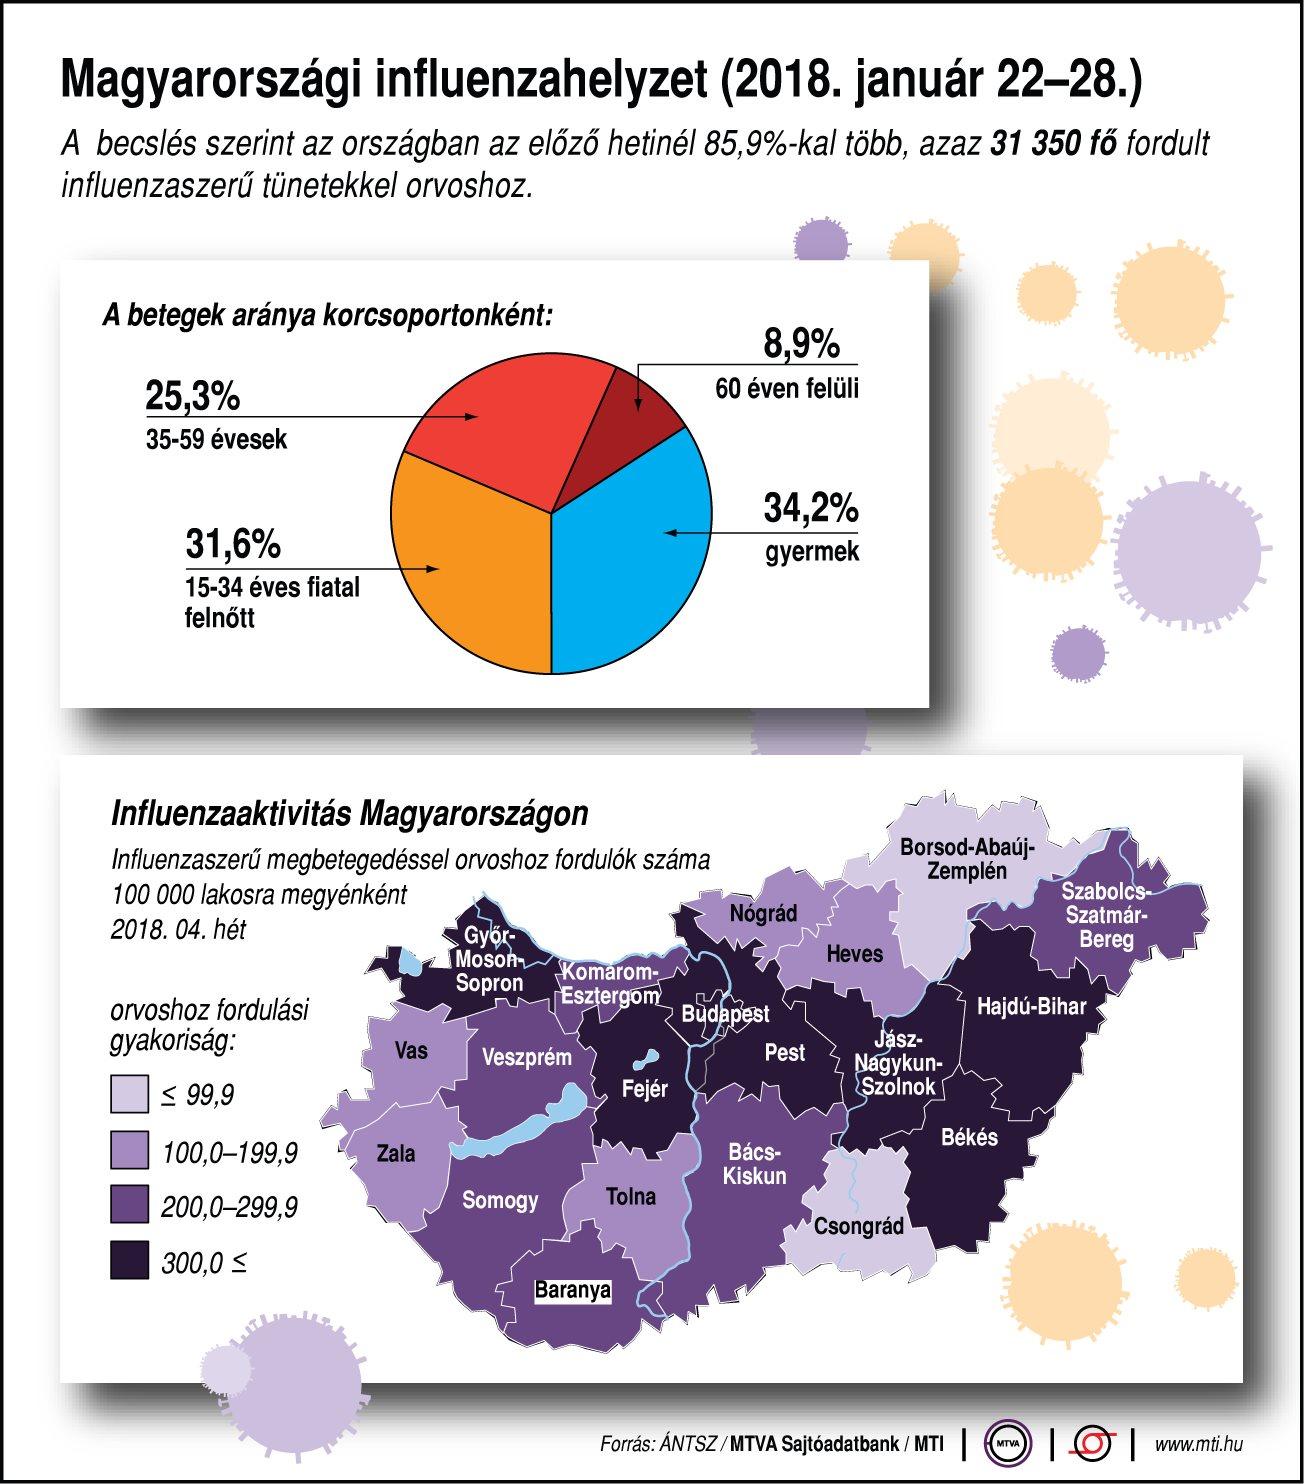 Magyarországi influenzahelyzet (2018. január 22-28.)